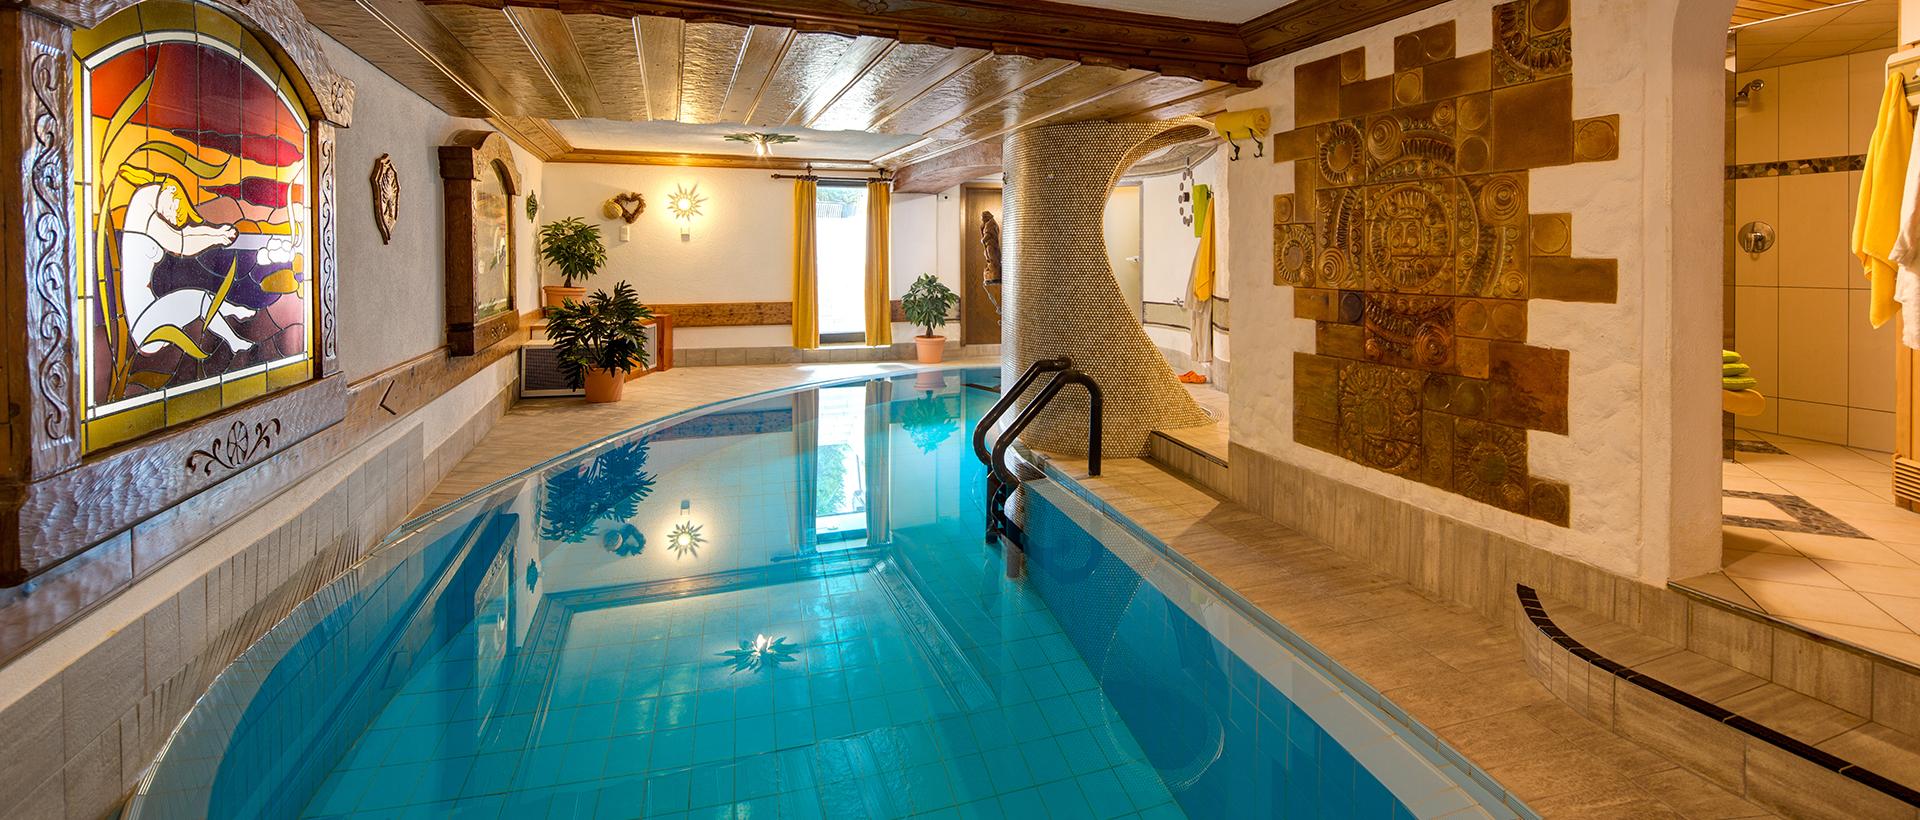 Ferienwohnung mit Hallenbad & Sauna